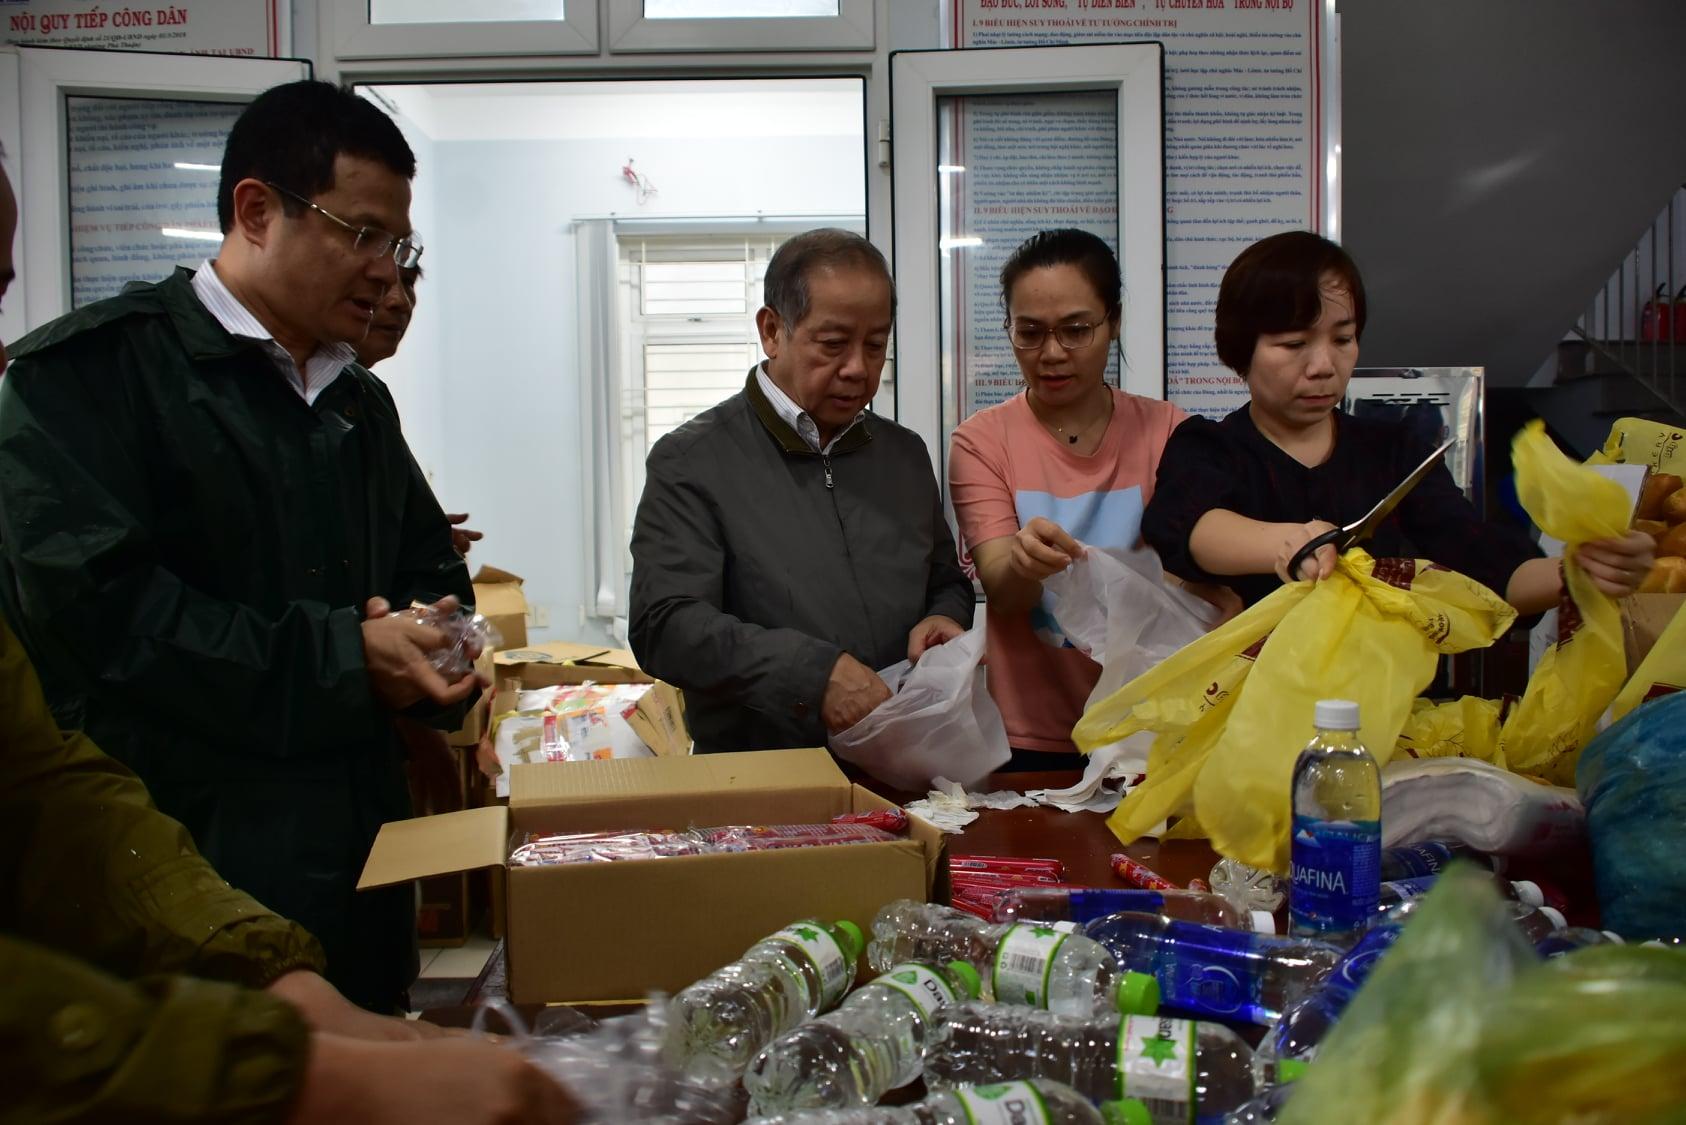 Chủ tịch UBND tỉnh Thừa Thiên Huế Phan Ngọc Thọ cùng gói quà với mọi người để hỗ trợ người dân vùng bị ngập lụt.